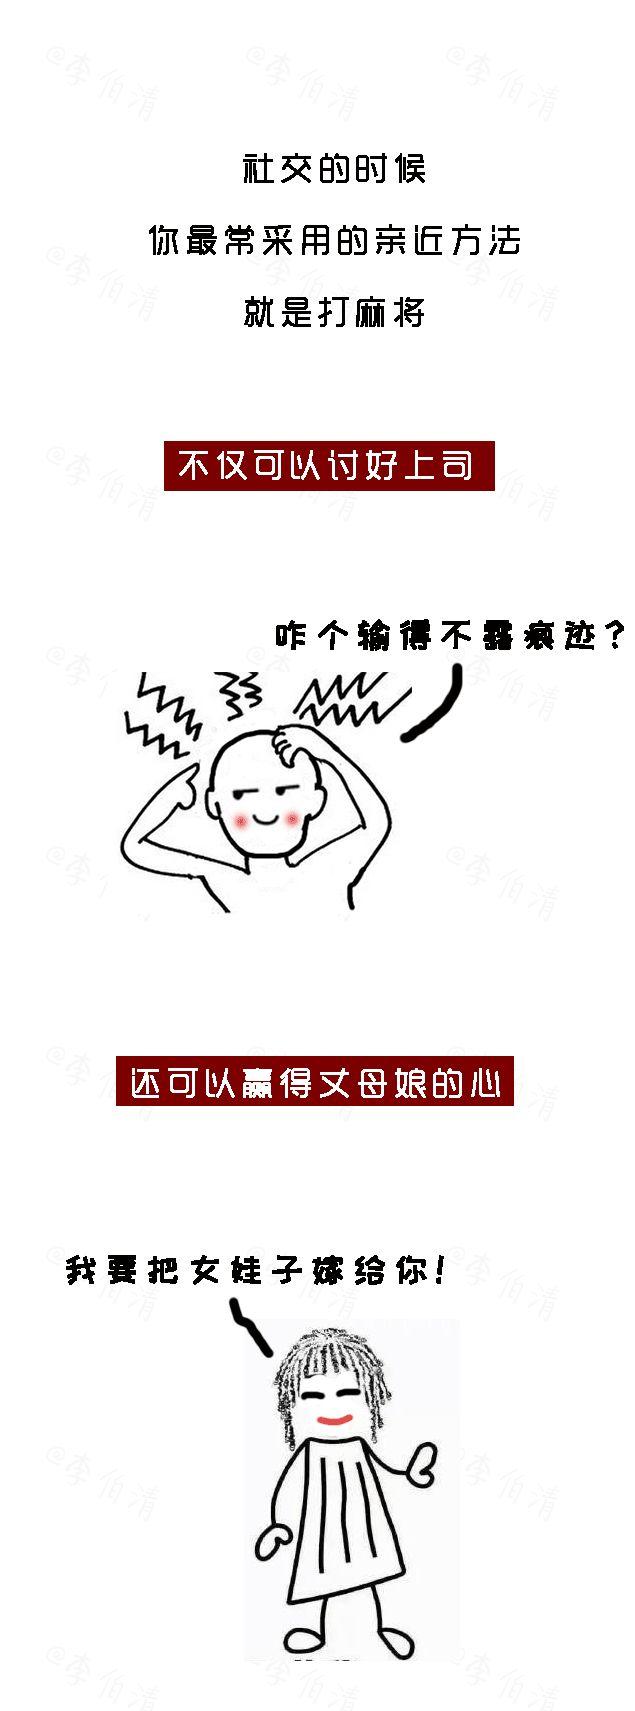 四川人2019年终总结